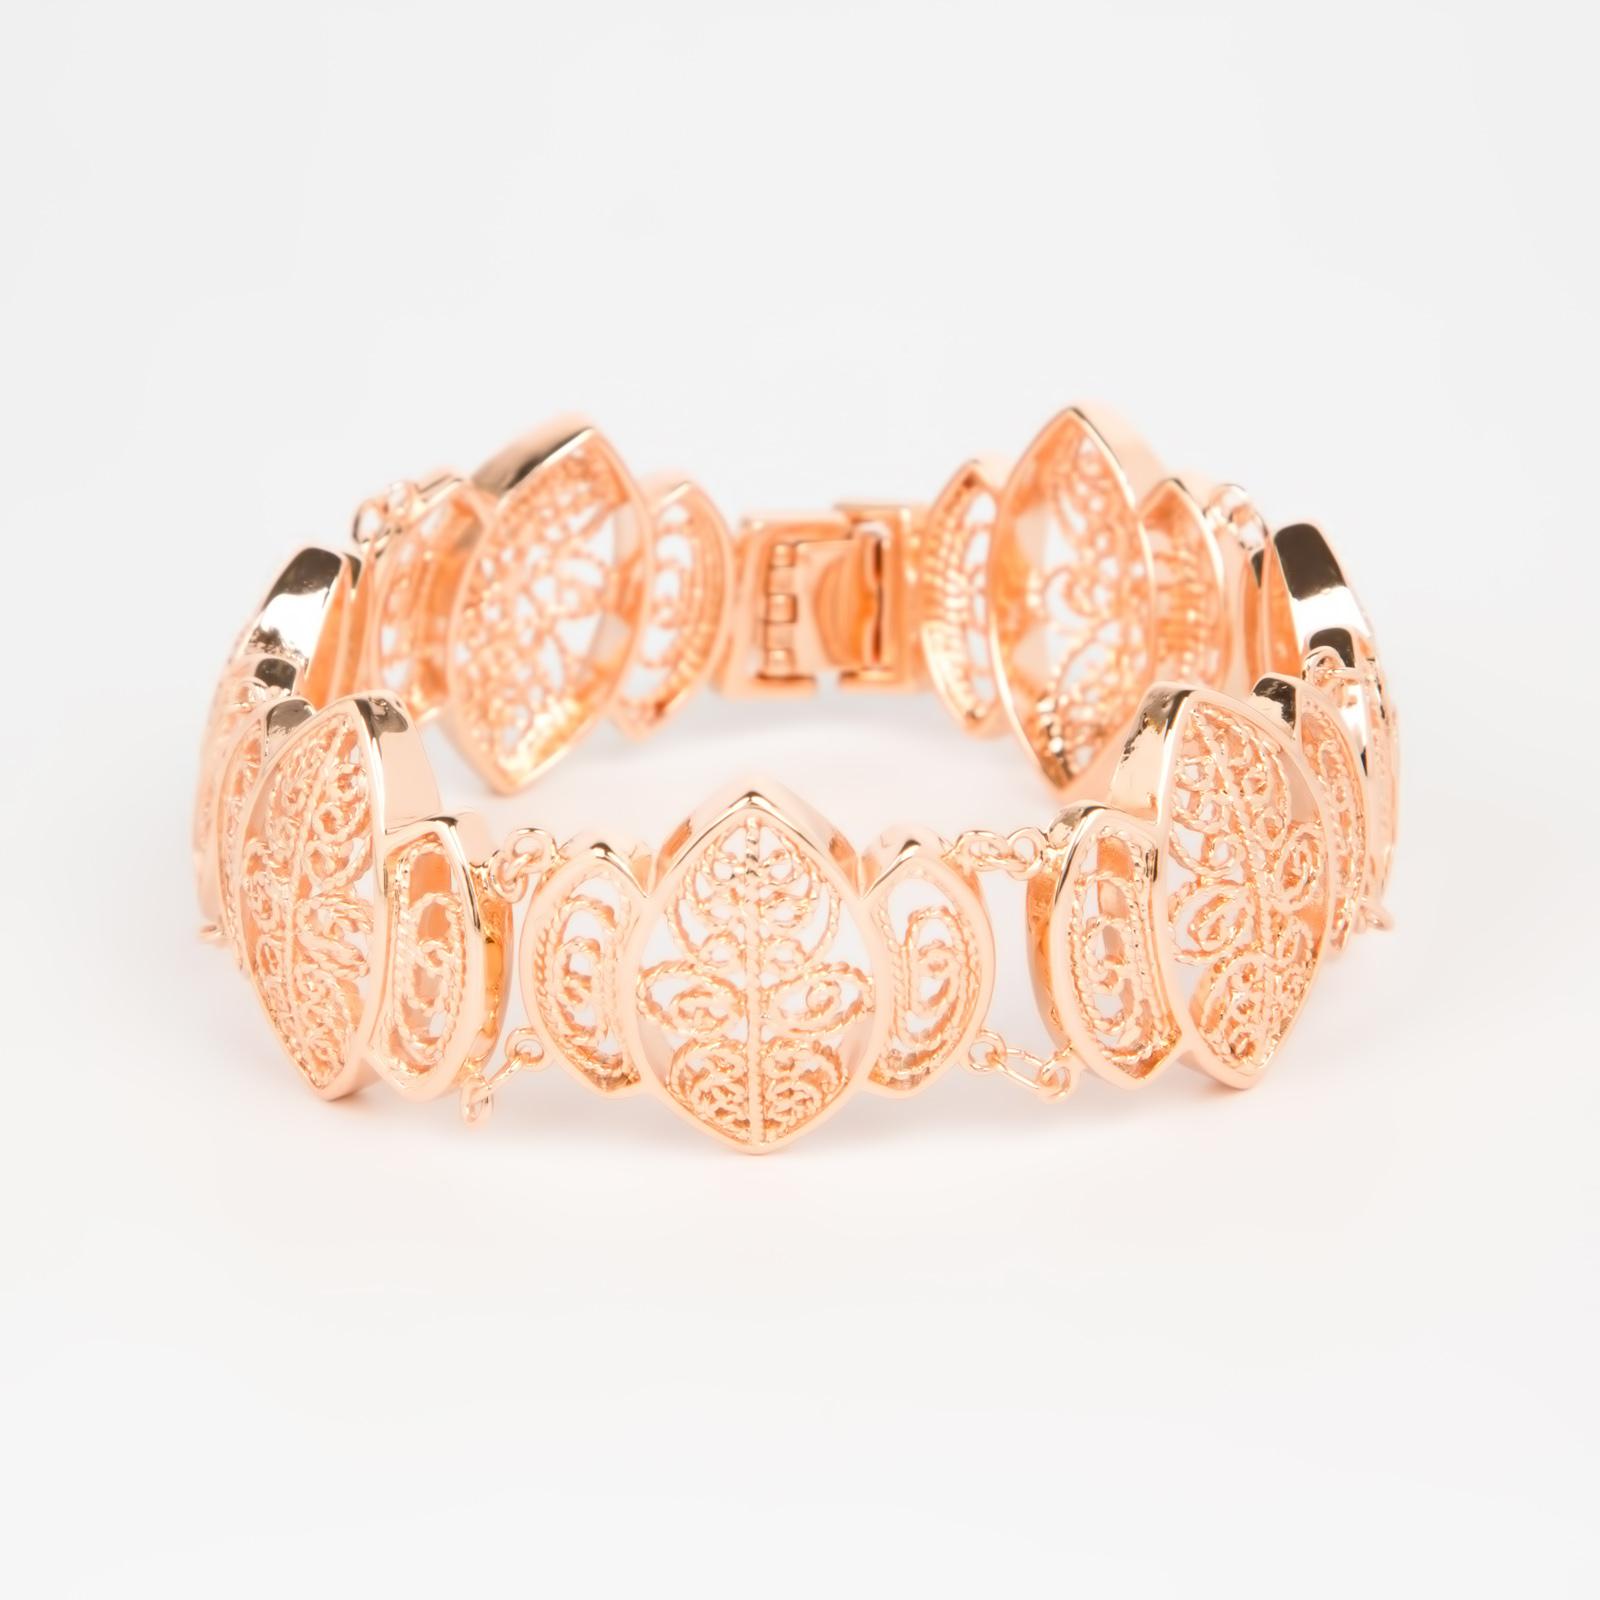 Браслет «Женственность» купить браслет пандора в интернет магазине оригинал